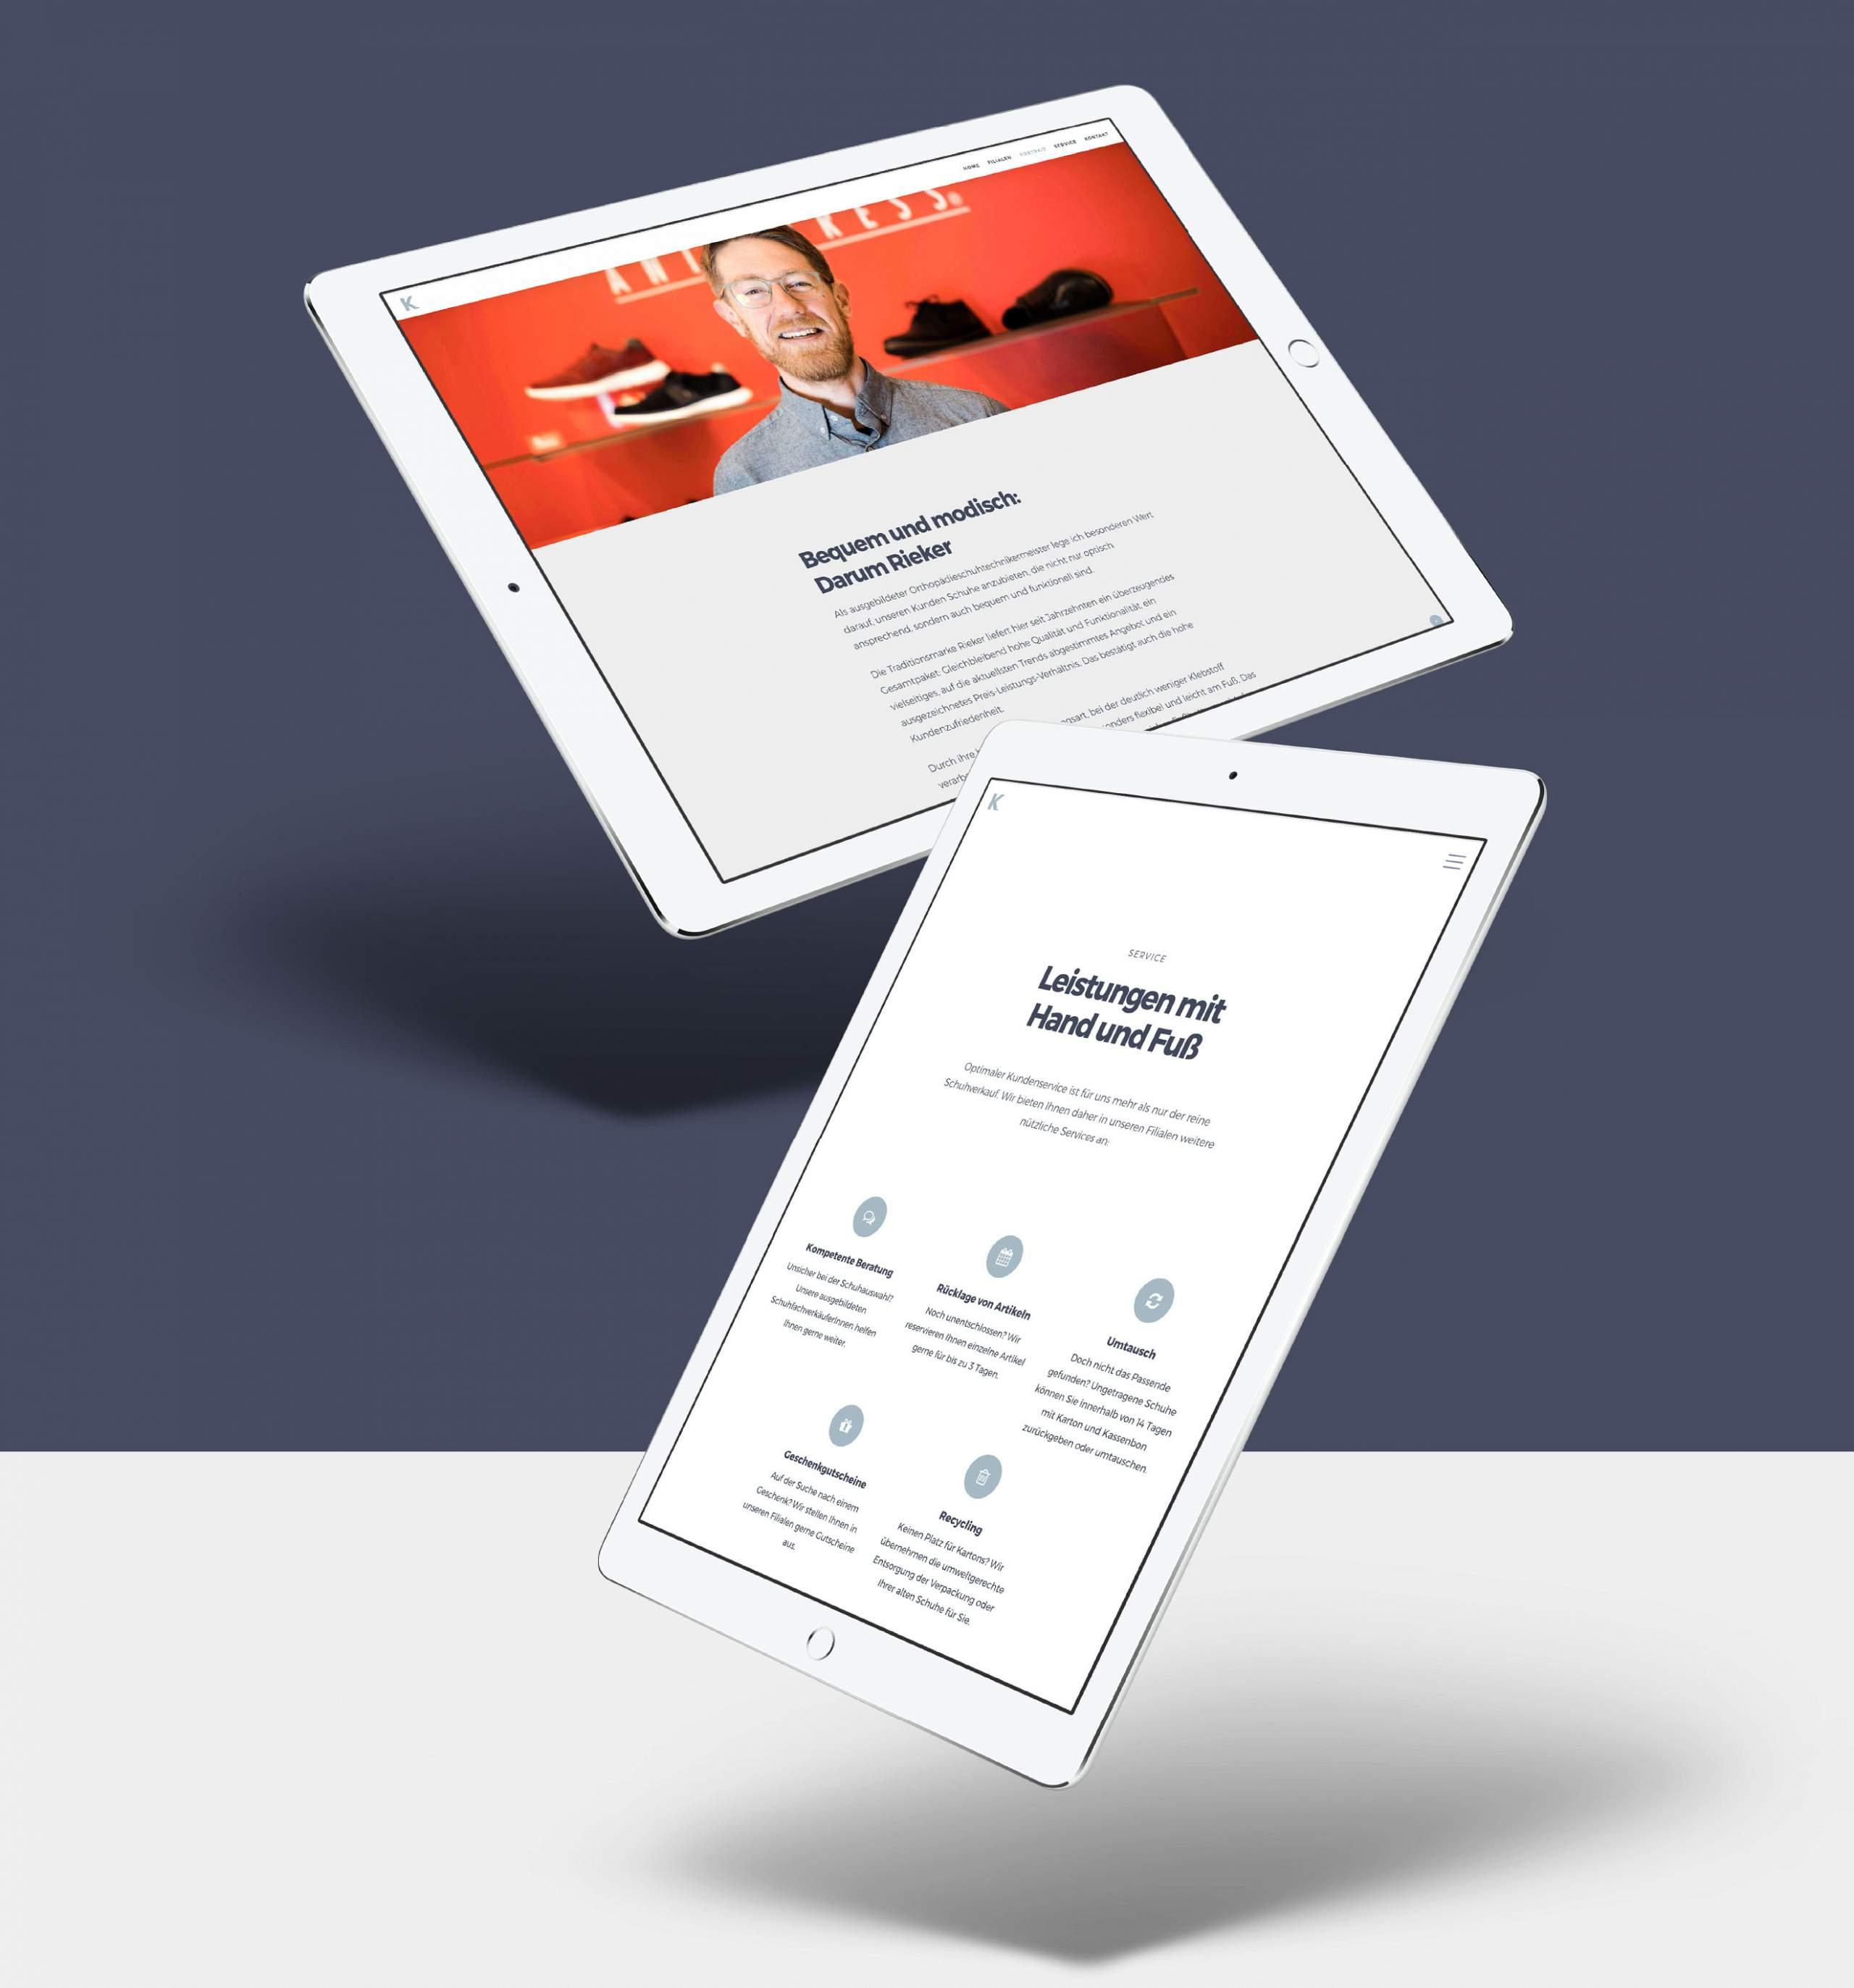 schuh koch website: standard